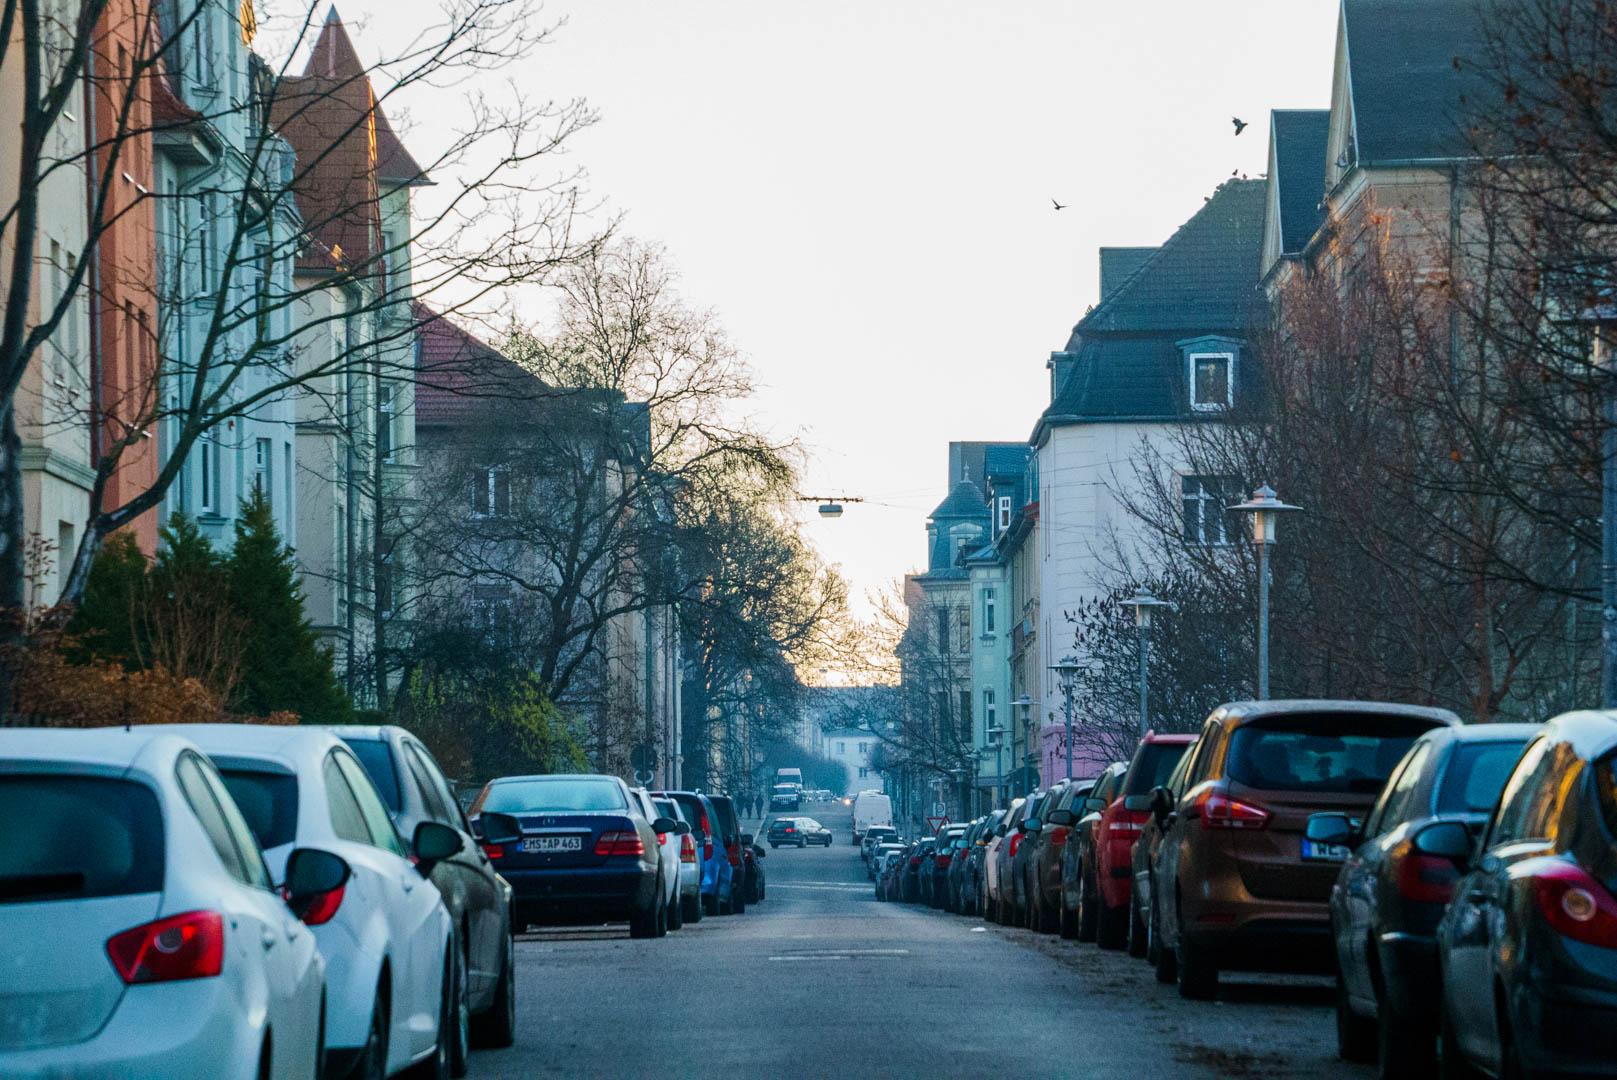 Meyerstraße